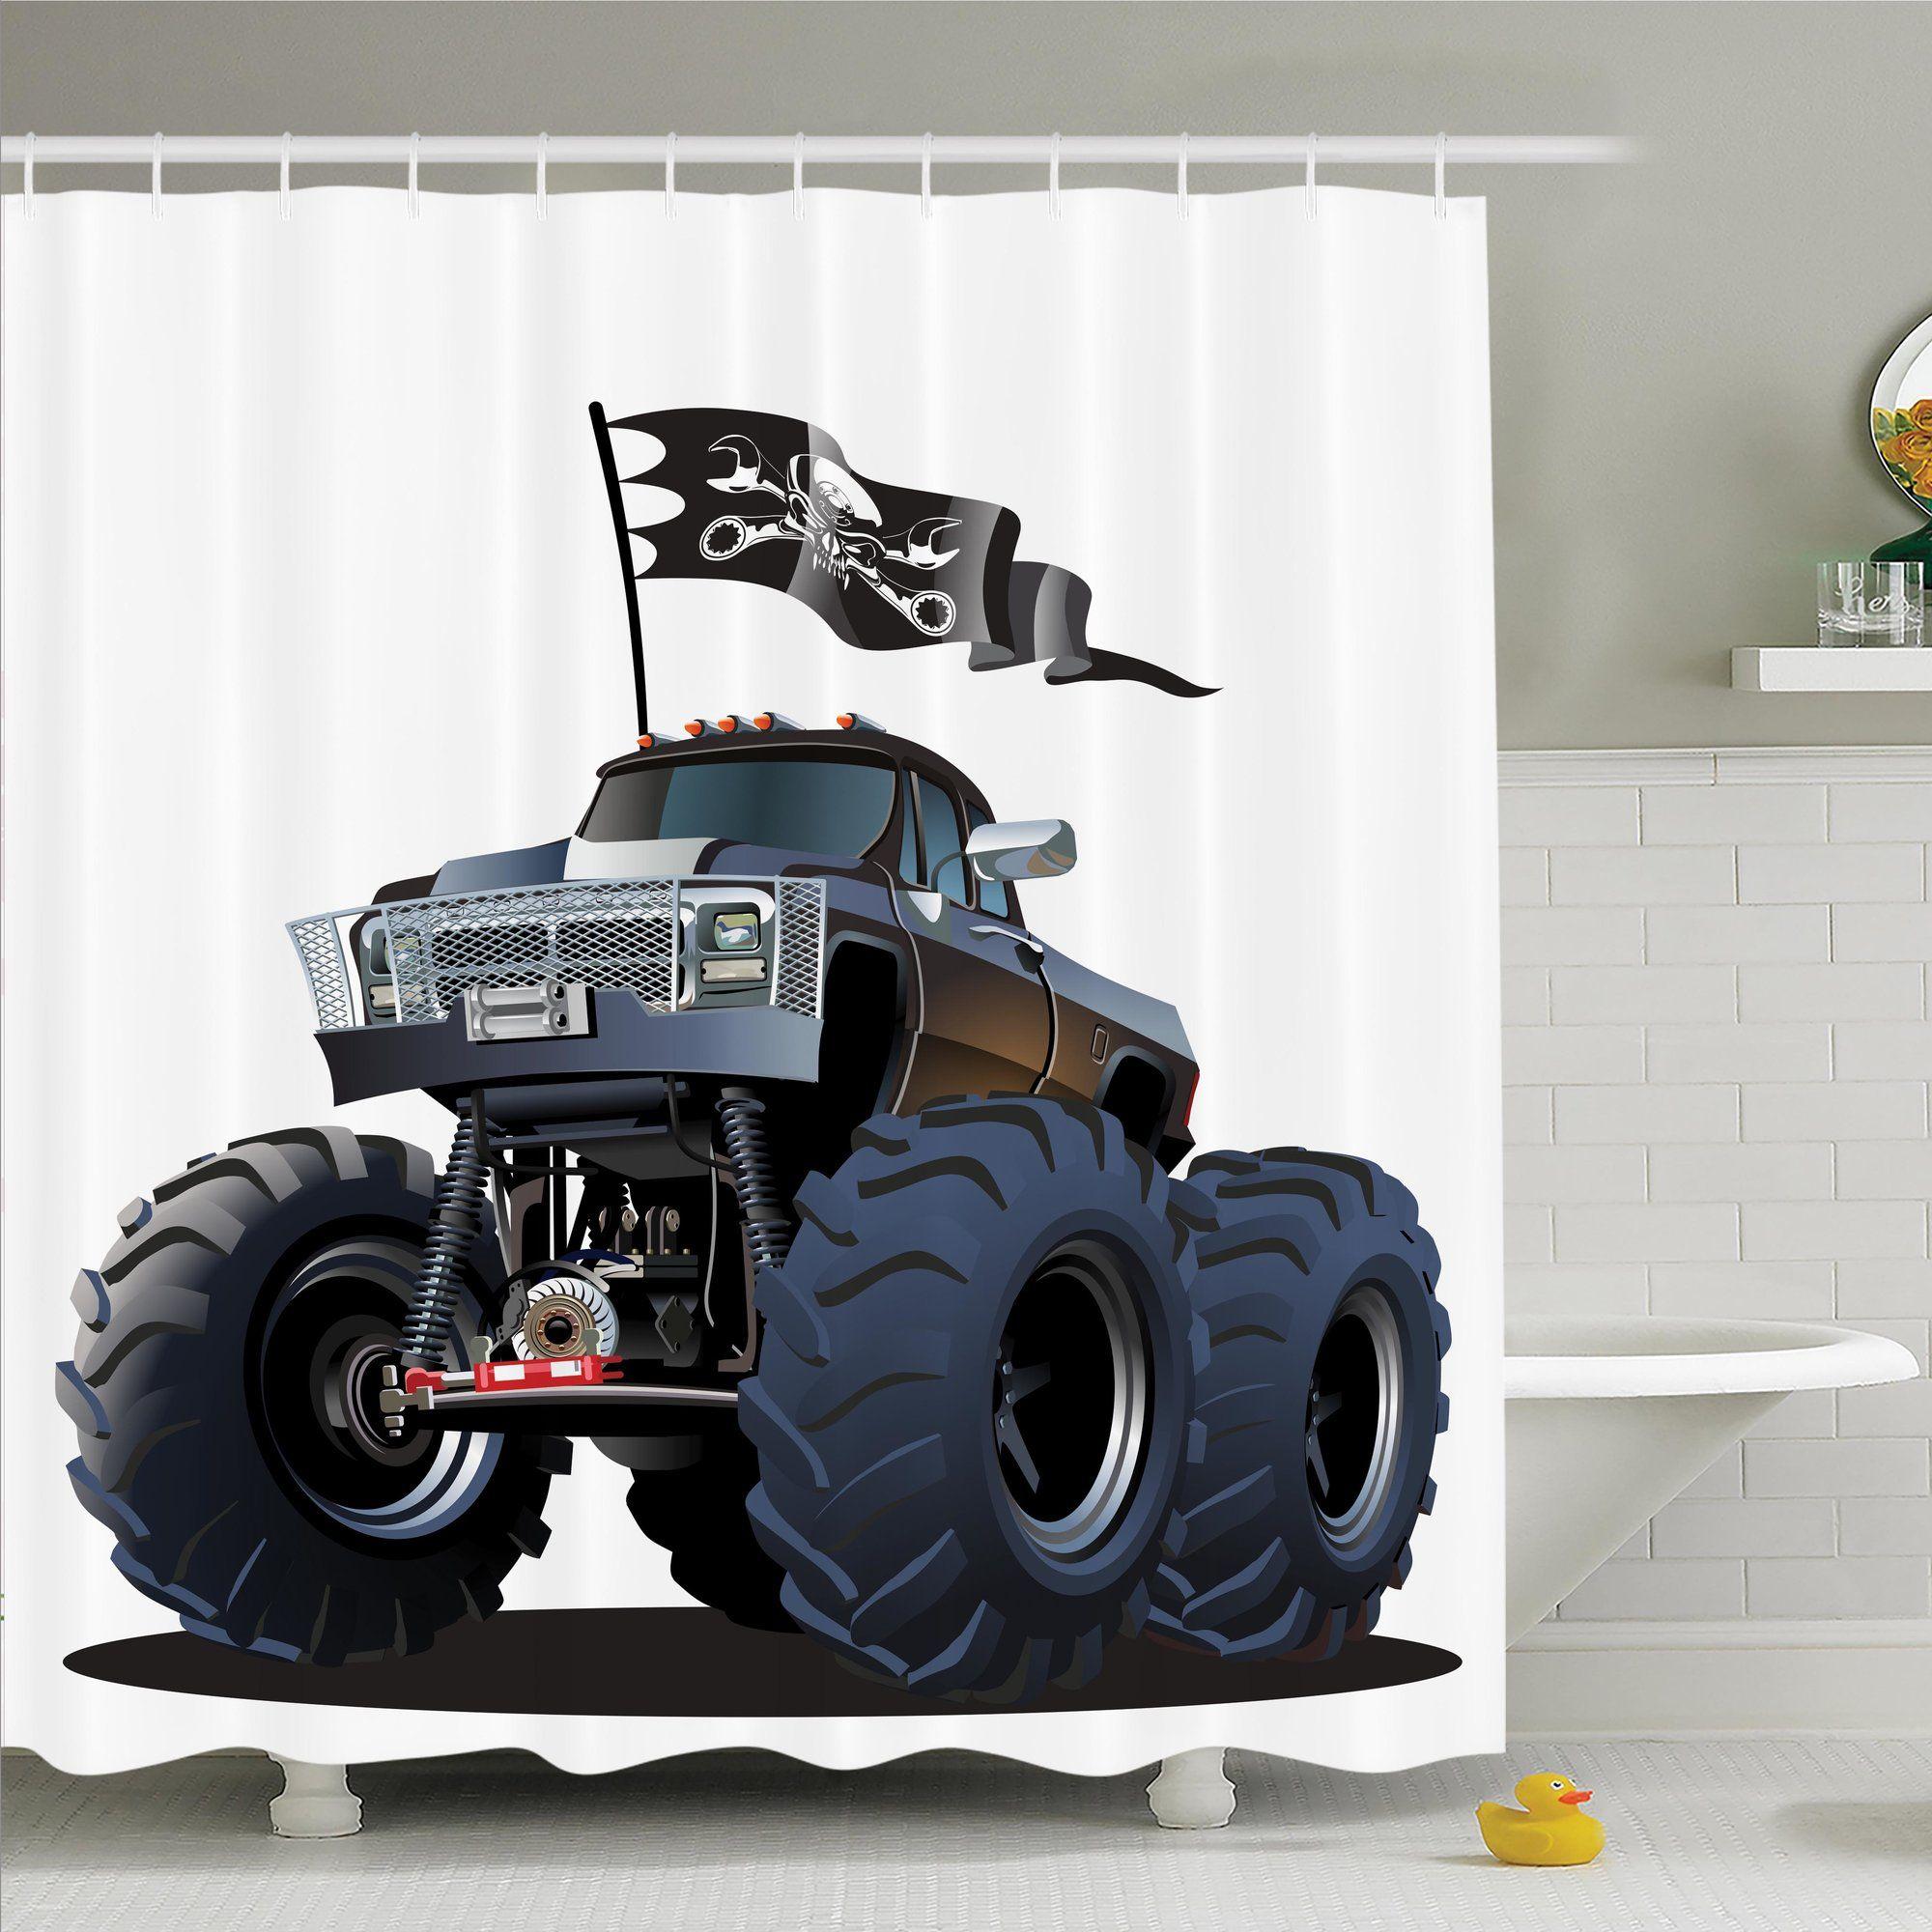 Pirate shower curtain - Cartoon Monster Truck Pirate Shower Curtain Set